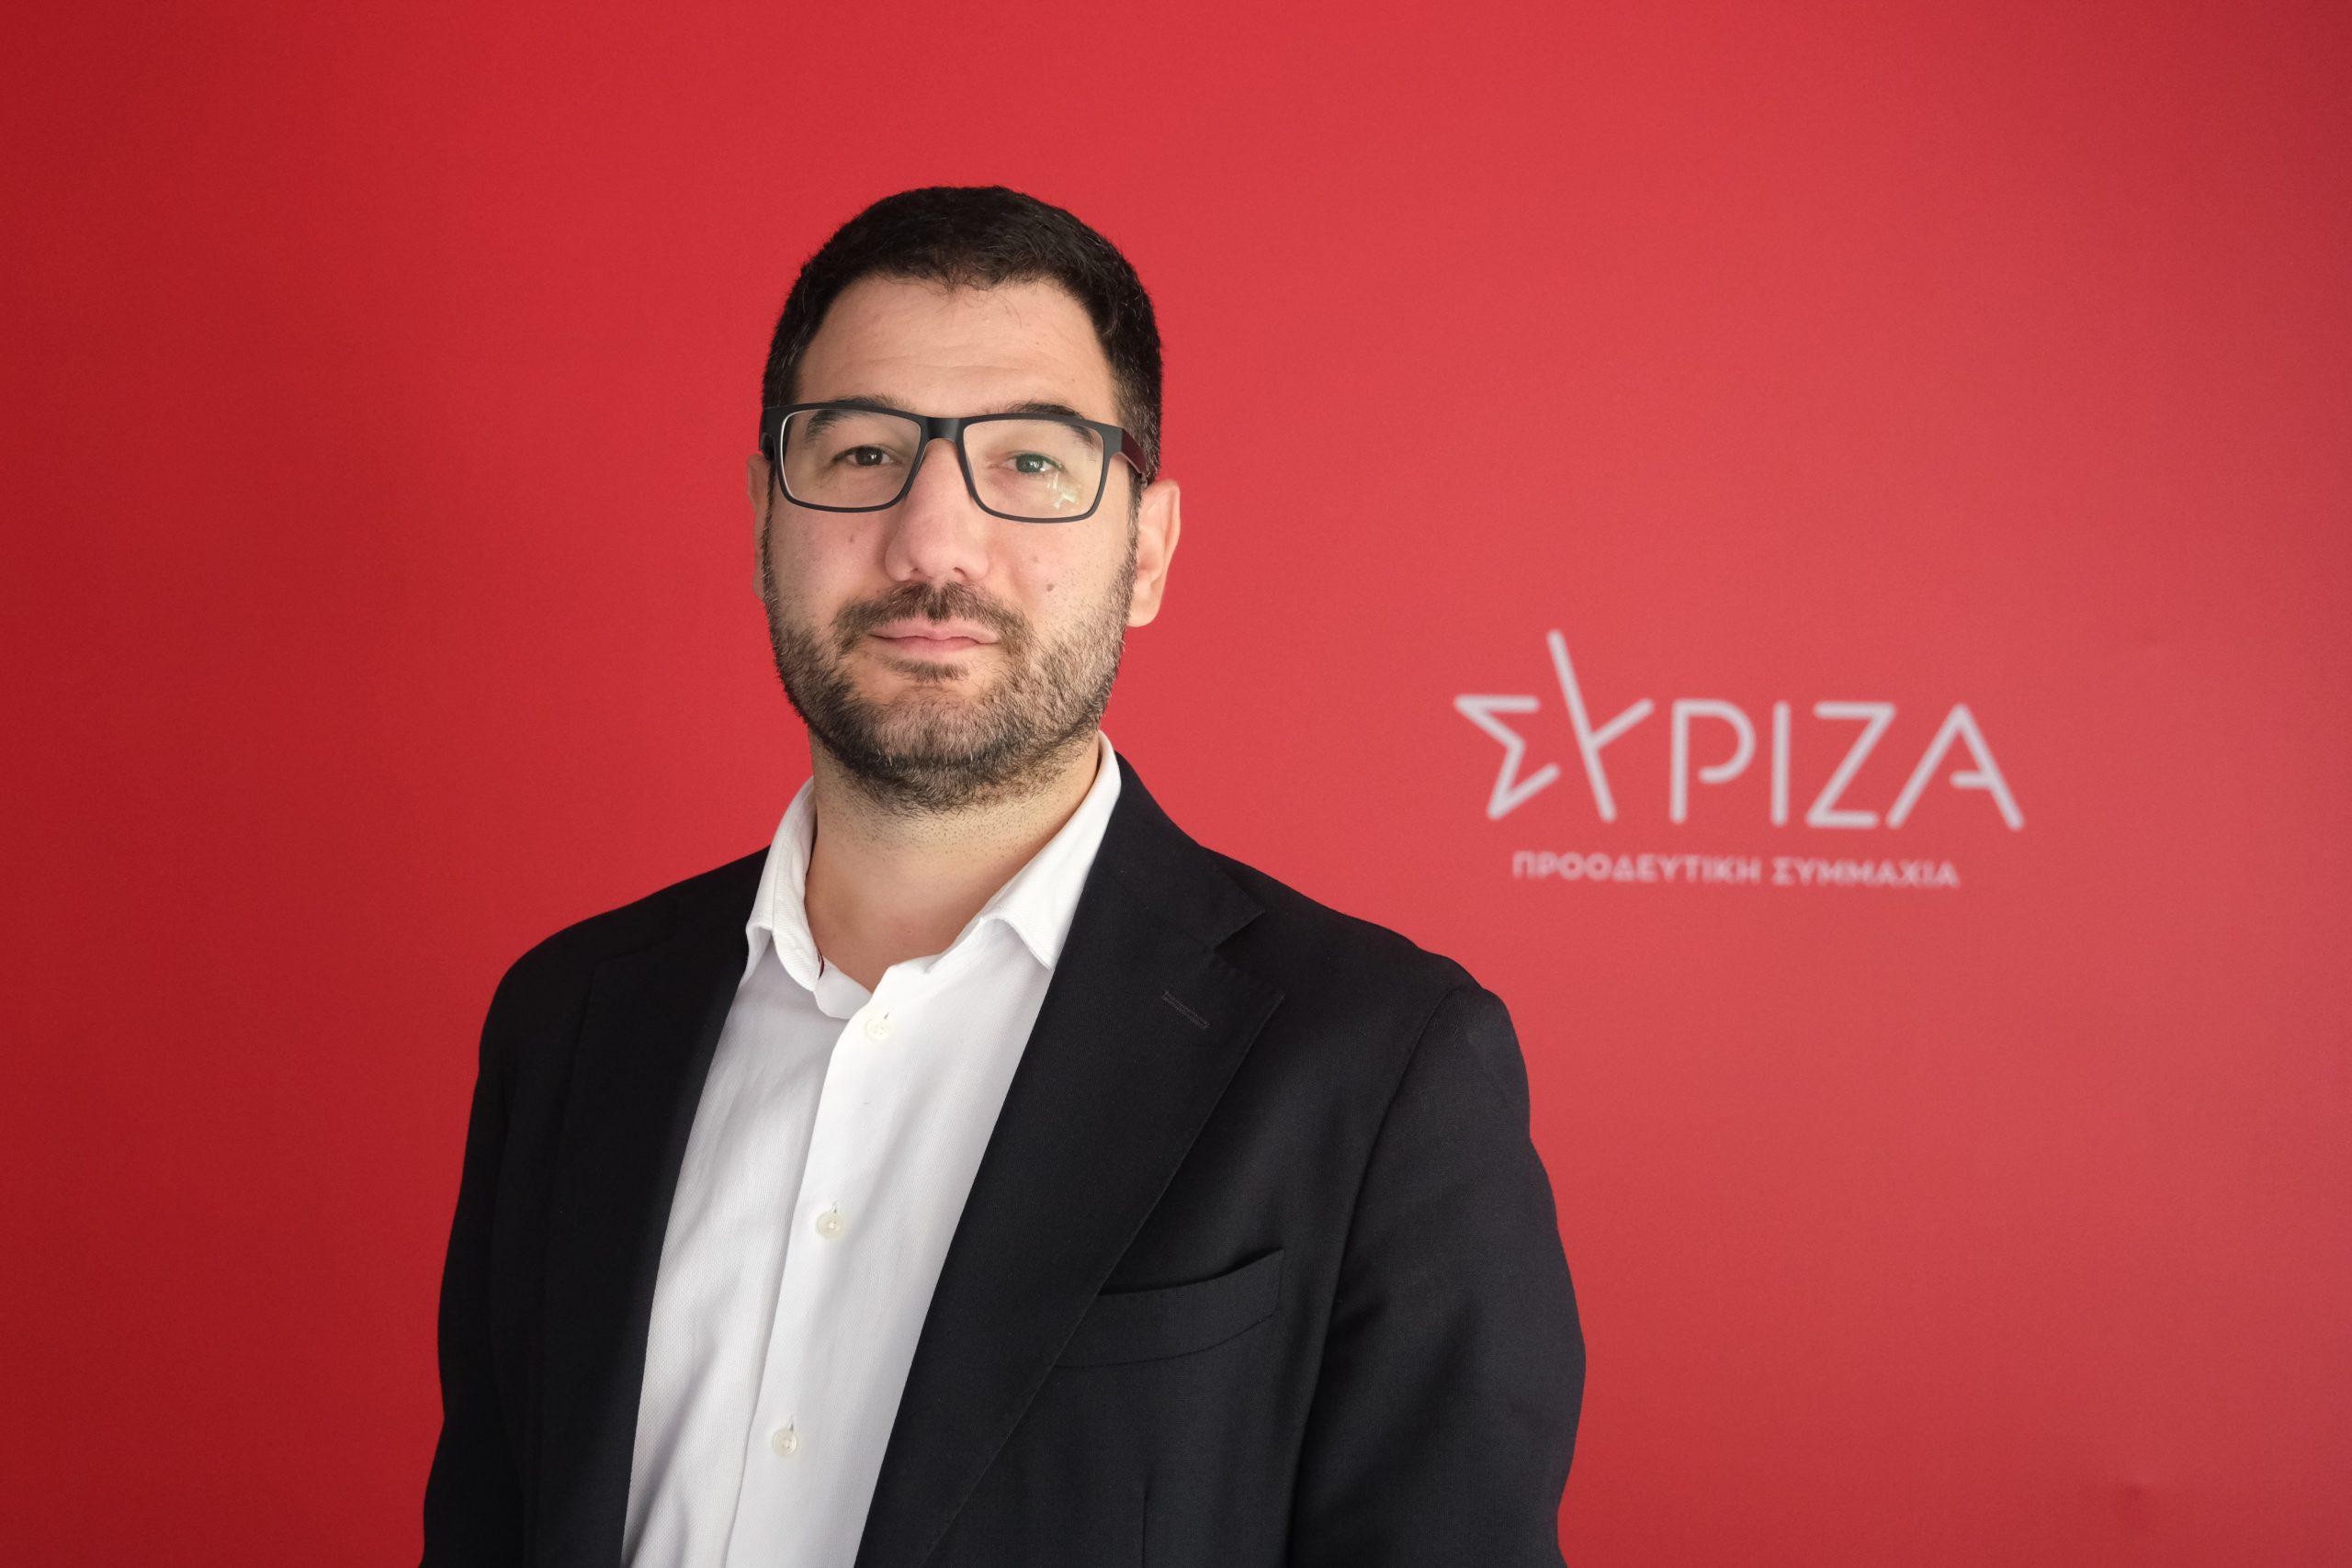 Ν.Ηλιόπουλος: «Εγκληματικές οι ευθύνες της κυβέρνησης απέναντι στην πανδημία – Βρισκόμαστε μπροστά στον κίνδυνο κοινωνικής χρεοκοπίας»